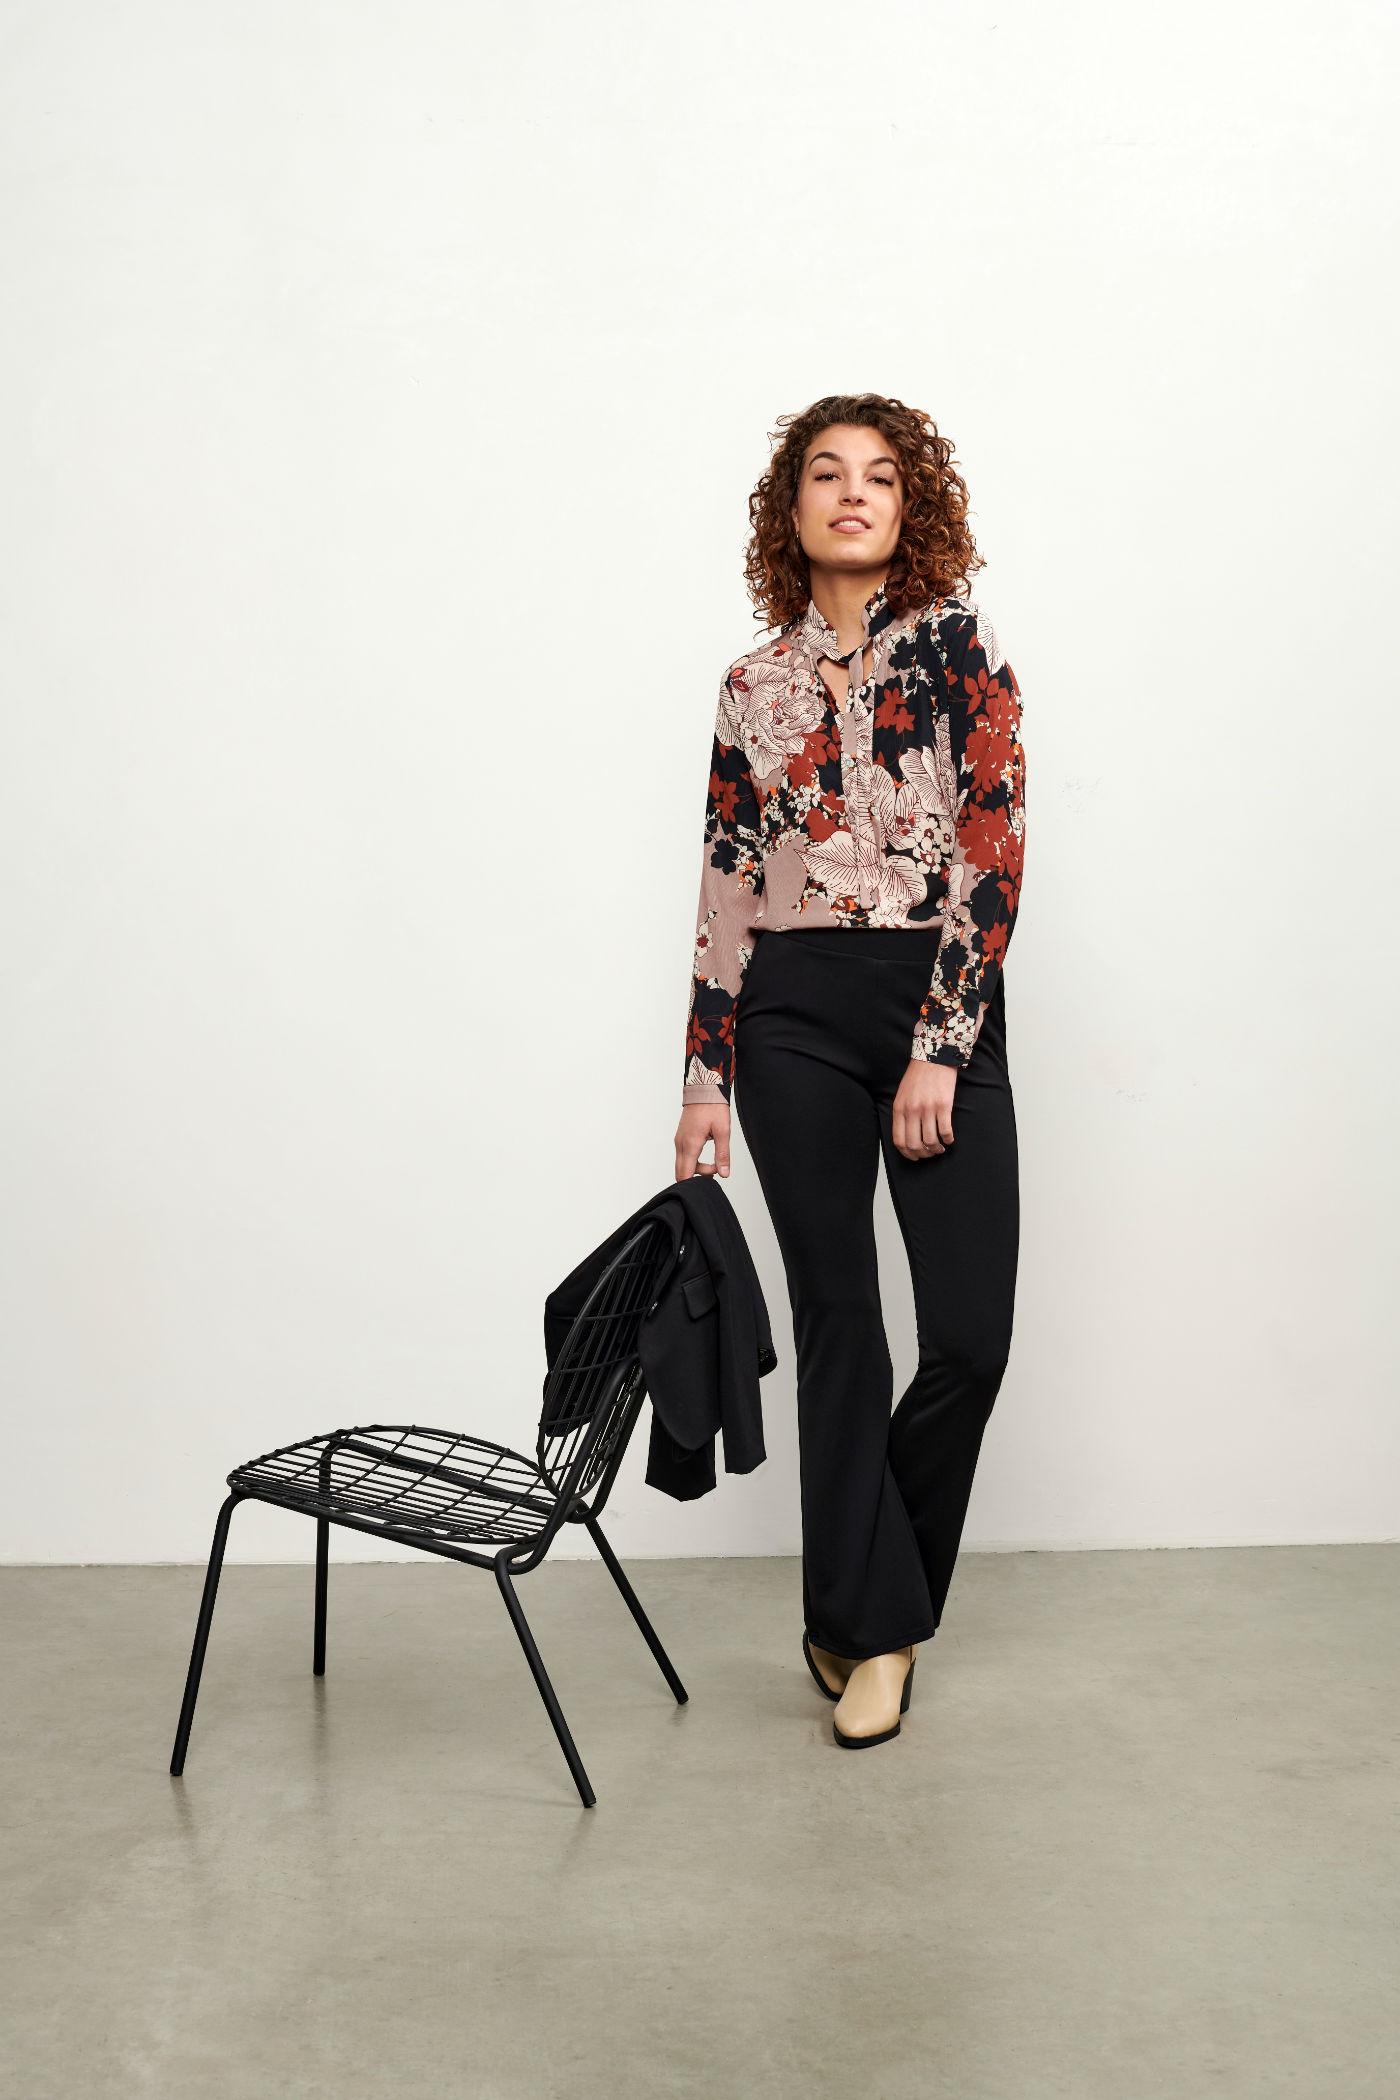 &Co Woman damesmode kleding winkel najaarscollectie